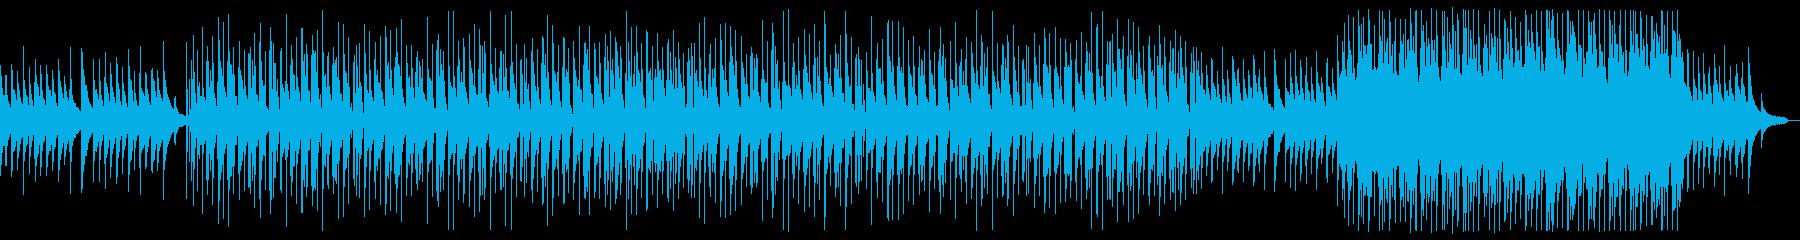 ピアノメインのエモーショナルポップロックの再生済みの波形